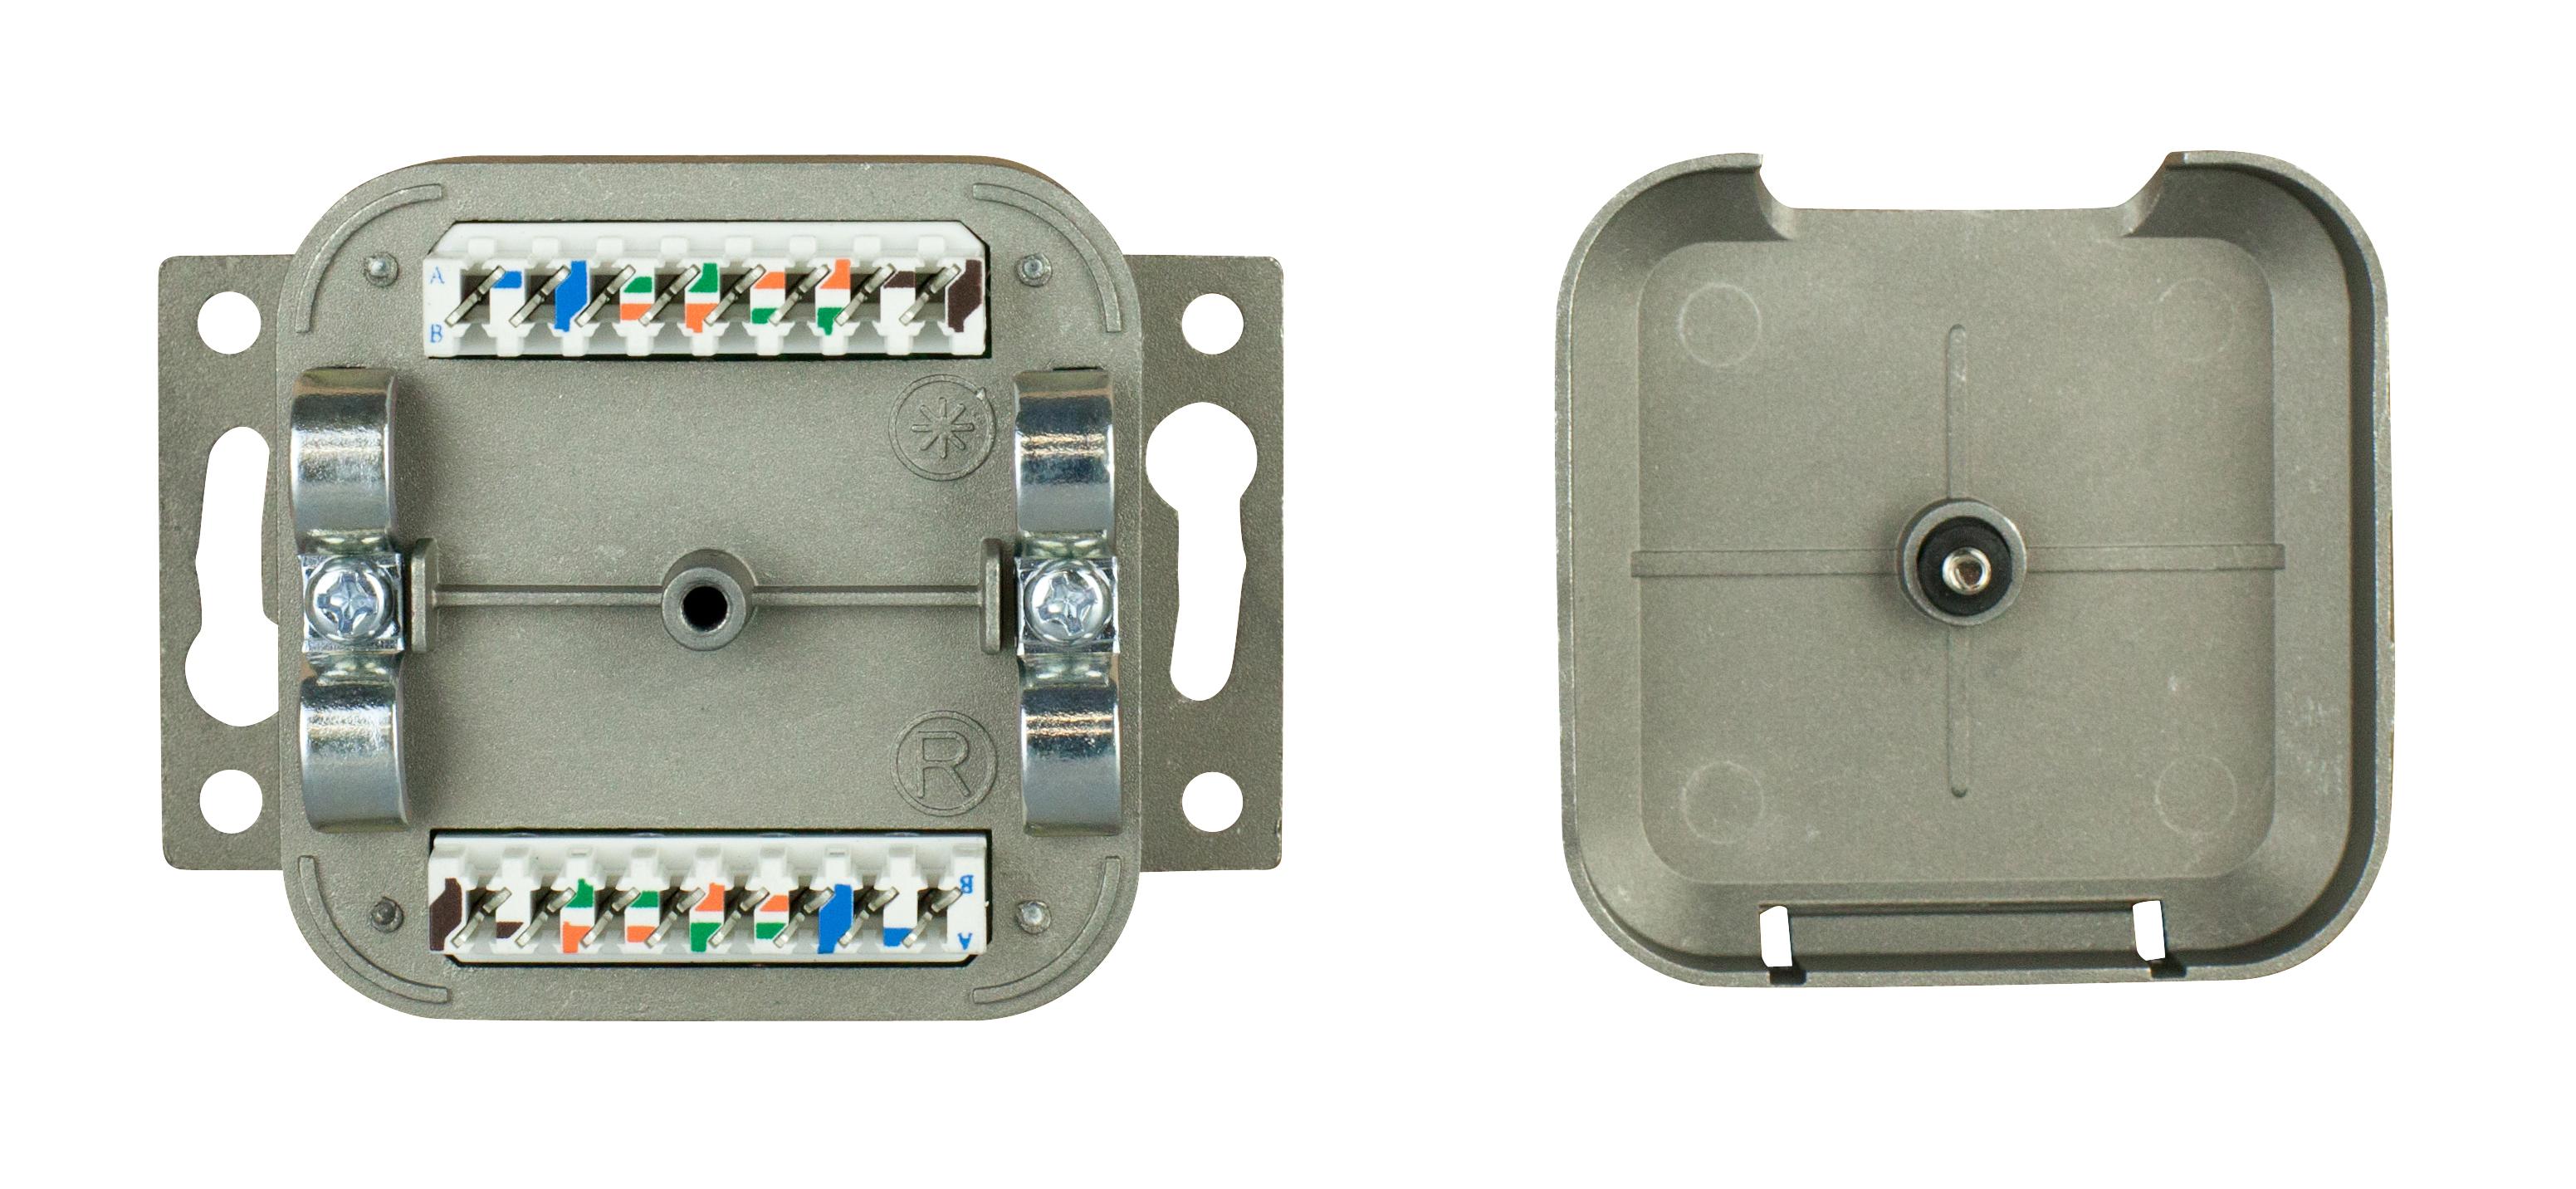 1 Stk Datendose 2xRJ45 geschirmt Cat.5e, 80x80mm, schräg, RAL9010 HSEDG2UW5F